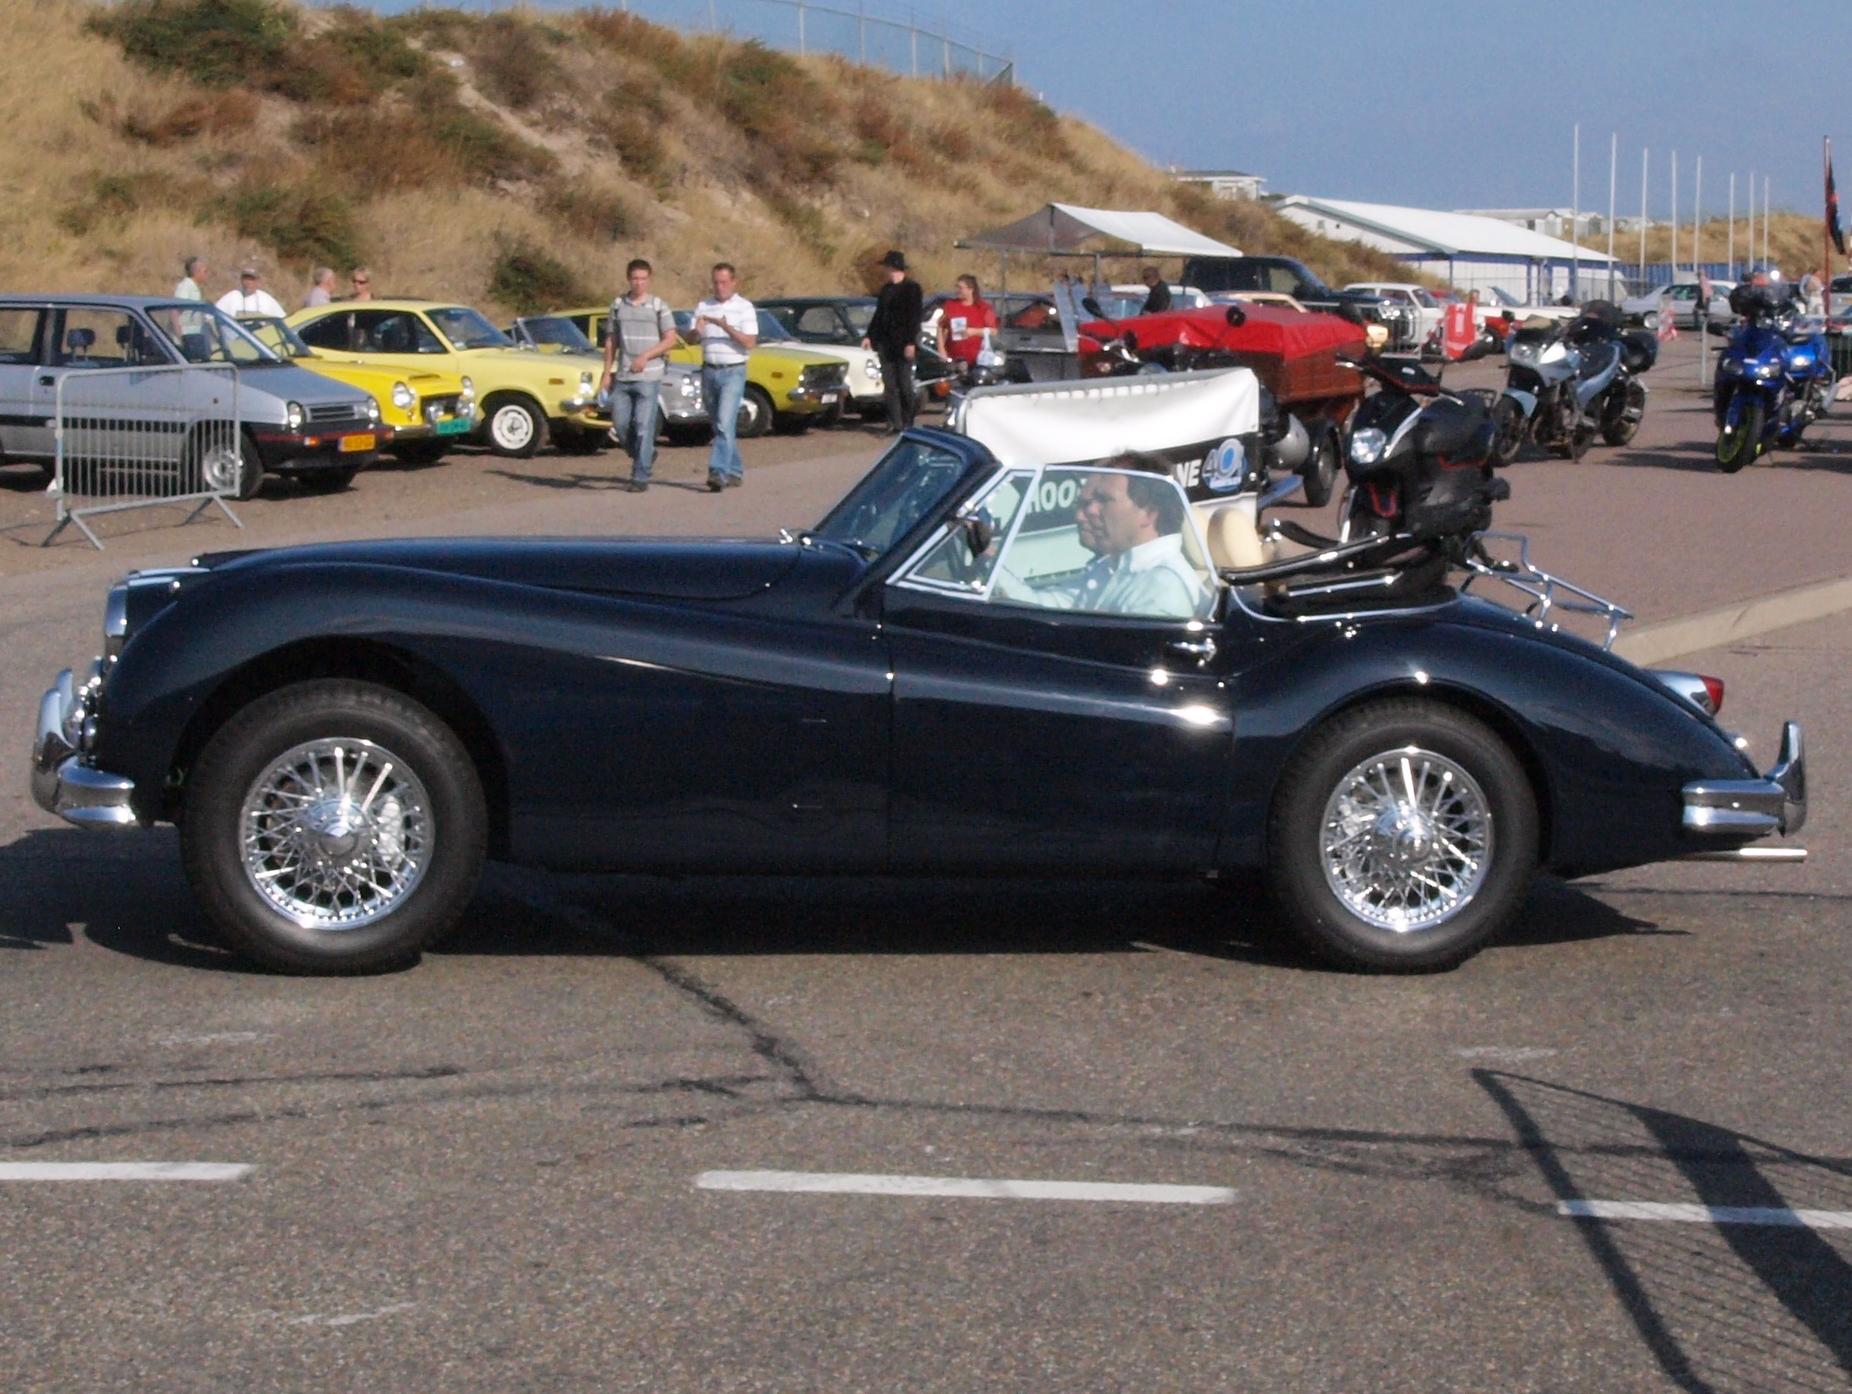 A black Jaguar XK at the Nationaal Oldtimer Festival Zandvoort 2009, The Netherlands.